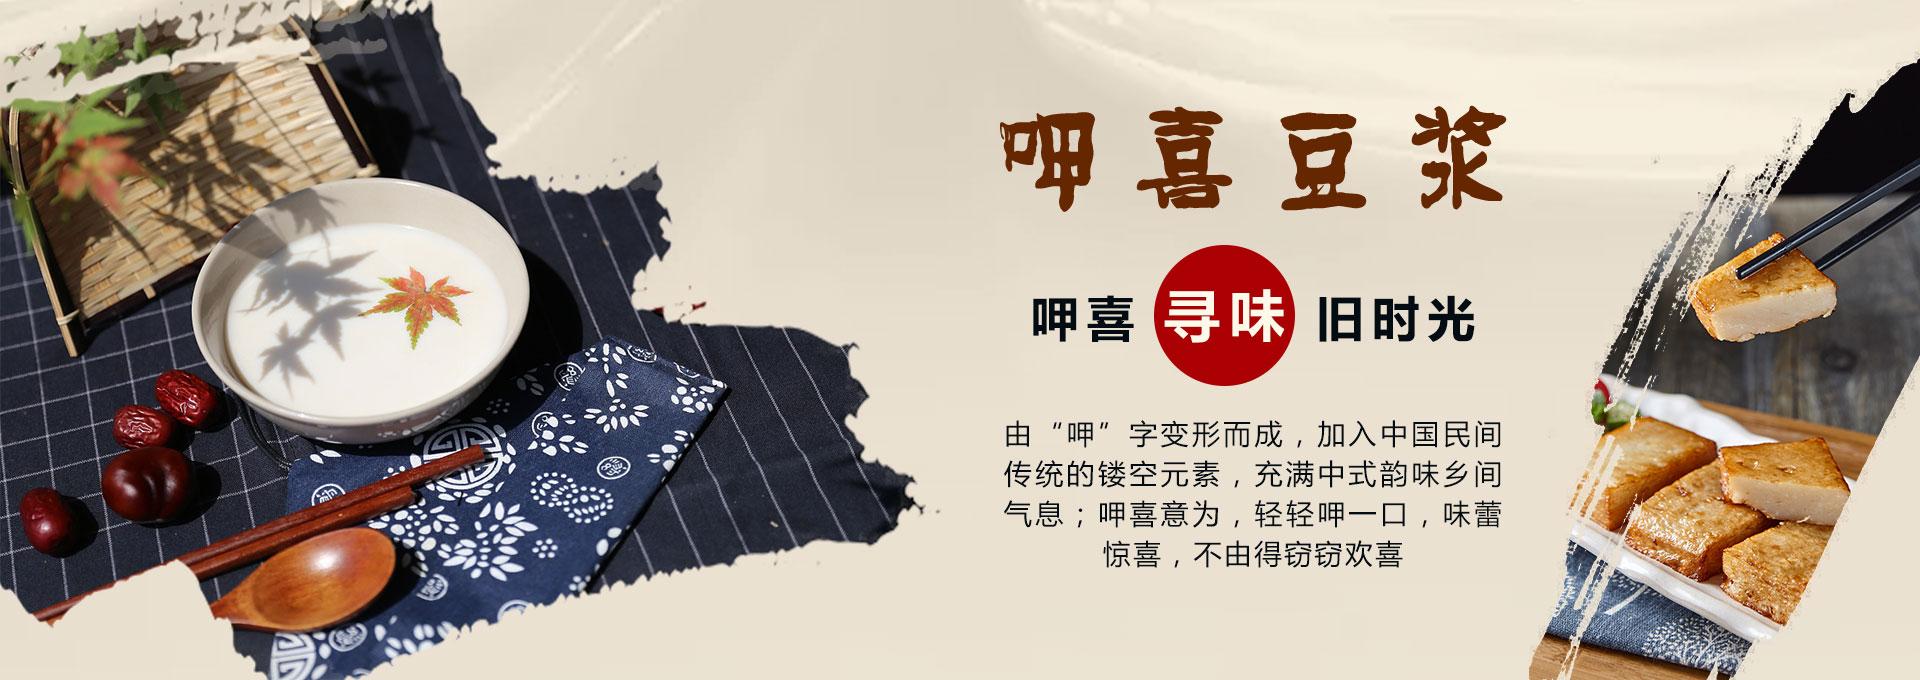 呷喜豆浆传统创业项目_昌启餐饮豆浆油条加盟